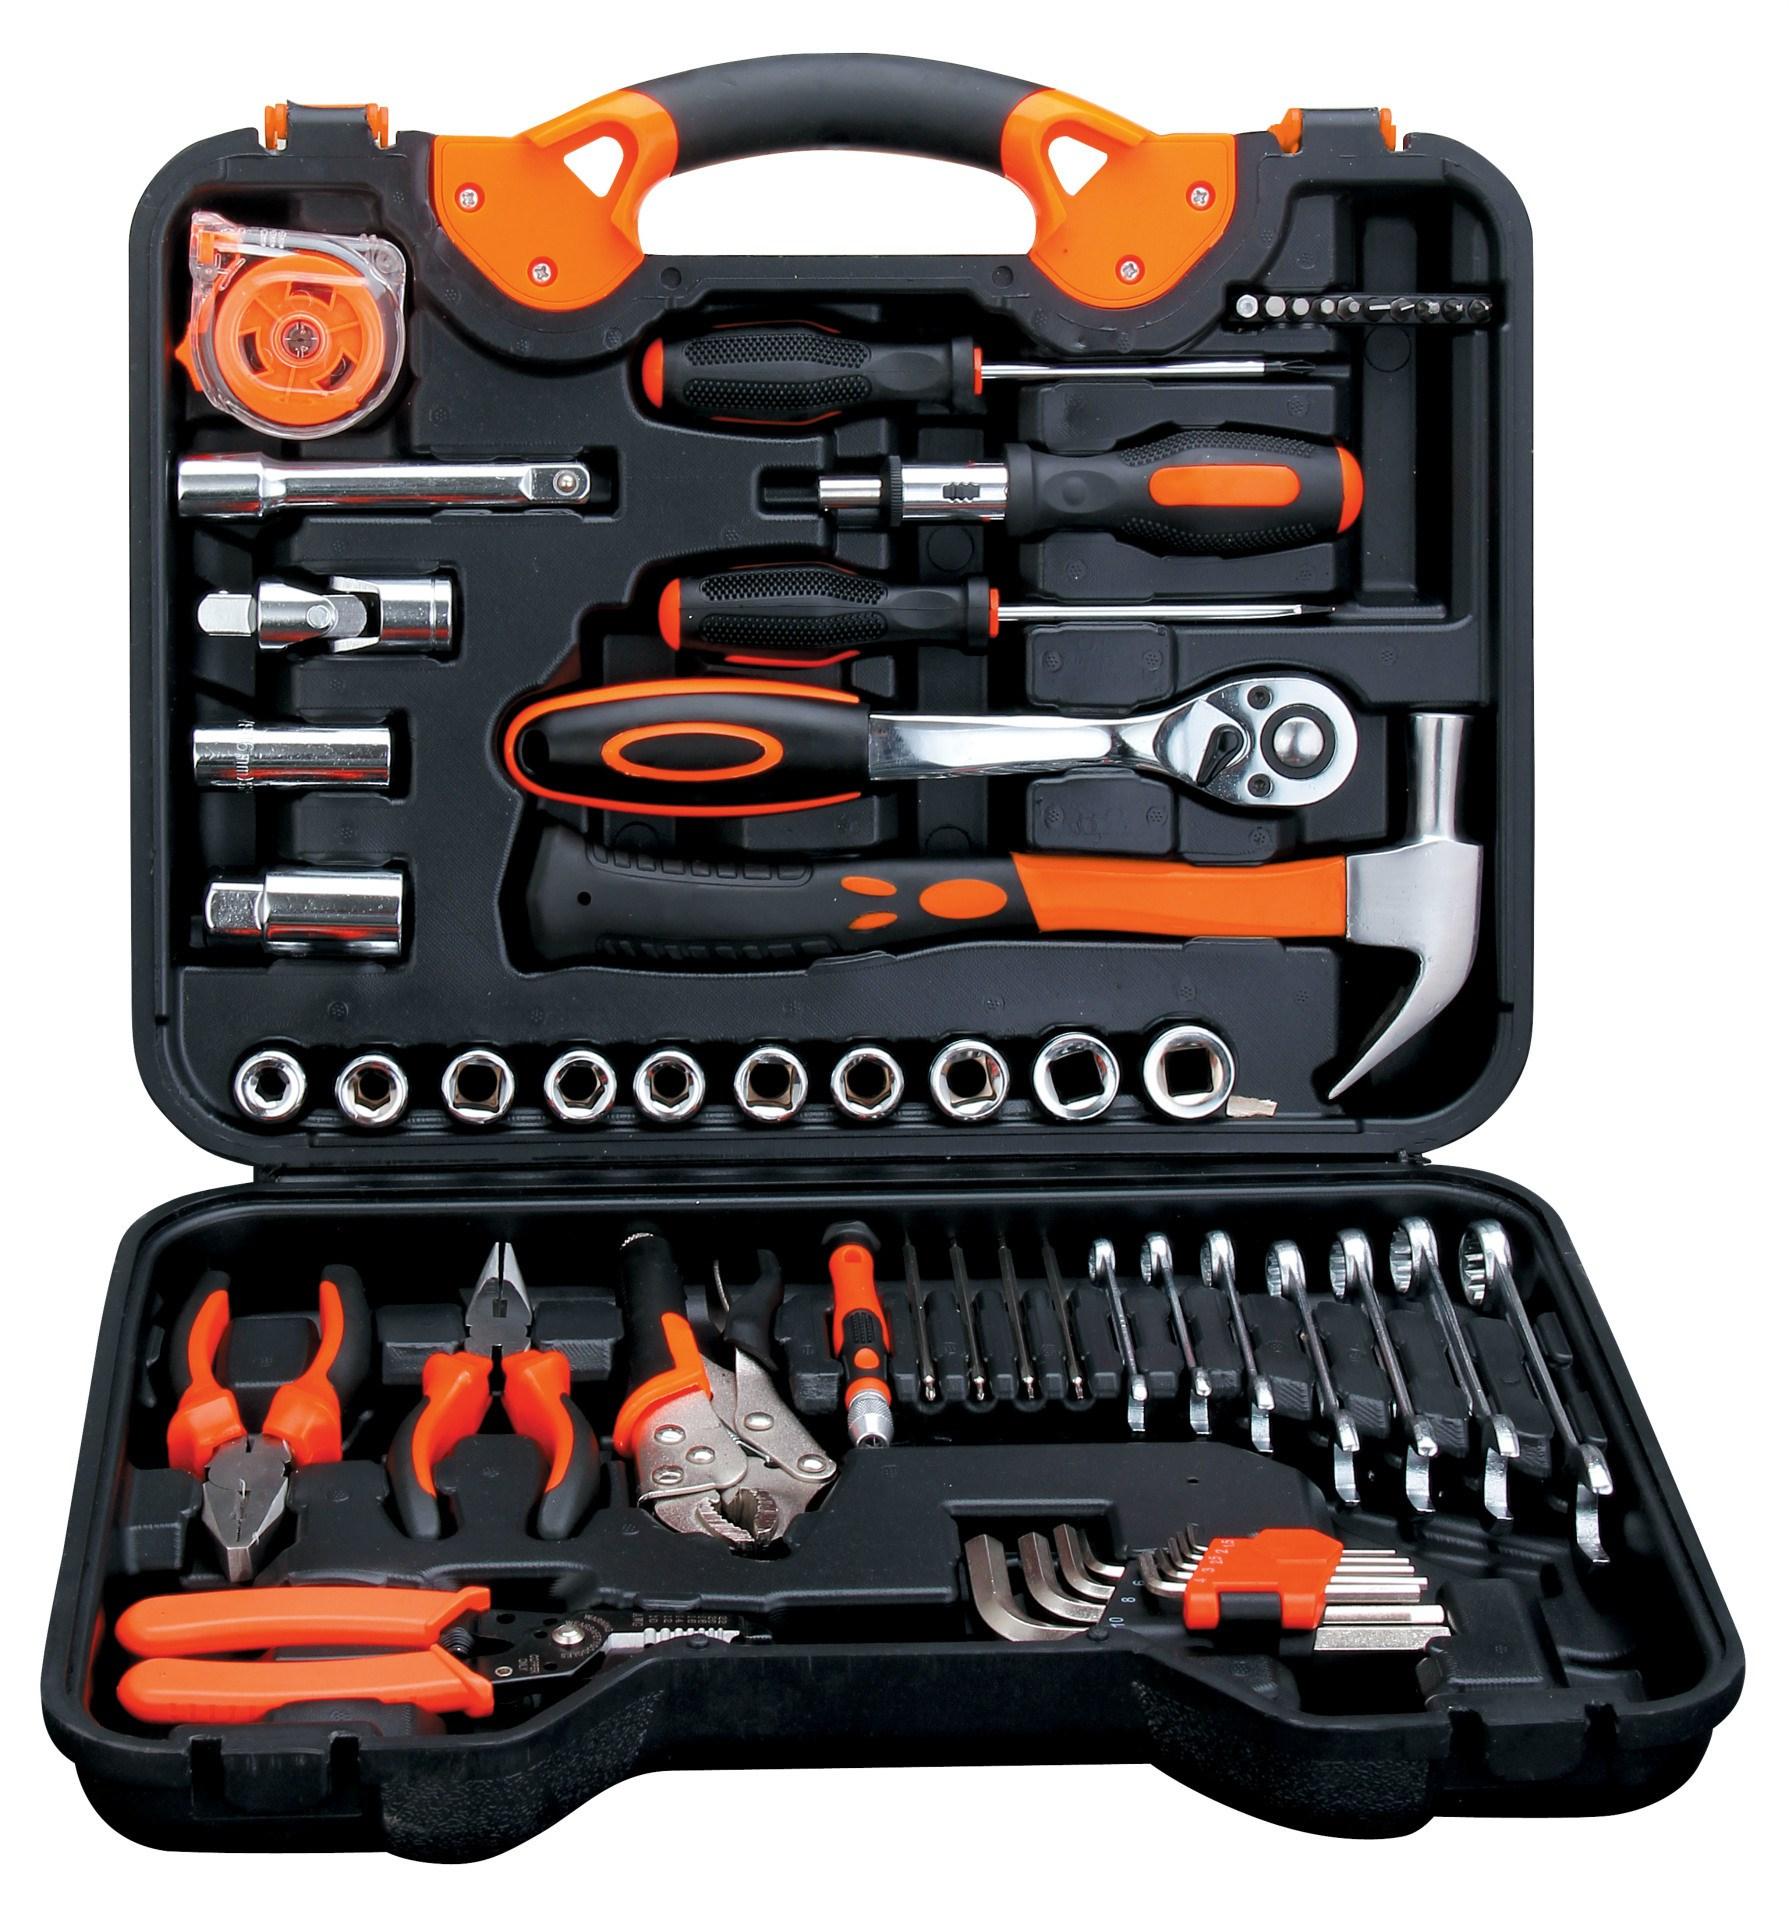 汽修汽保套装五金组合工具套筒扳手螺丝刀家用组套工具箱电子焊接